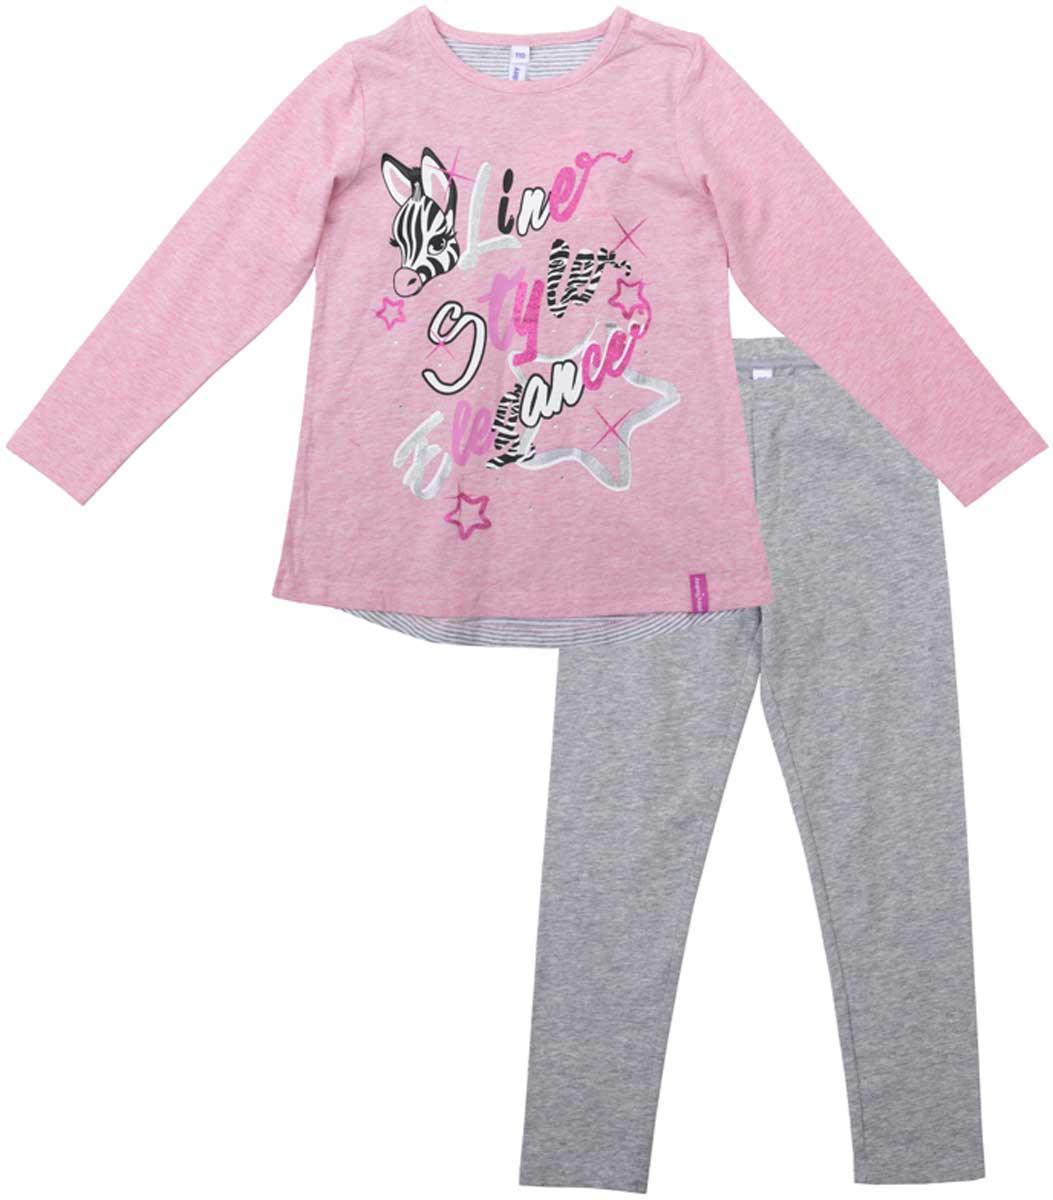 172072Комплект из футболки и брюк-леггинсов прекрасно подойдет как для домашнего использования, так и для прогулок на свежем воздухе. Мягкий, приятный к телу, материал не сковывает движений. Яркий стильный принт является достойным украшением данного изделия. Леггинсы на мягкой удобной резинке. Преимущества: Свободный классический крой не сковывает движения ребенка Подходит в качестве базовой вещи для повседневного гардероба Яркий стильный принт